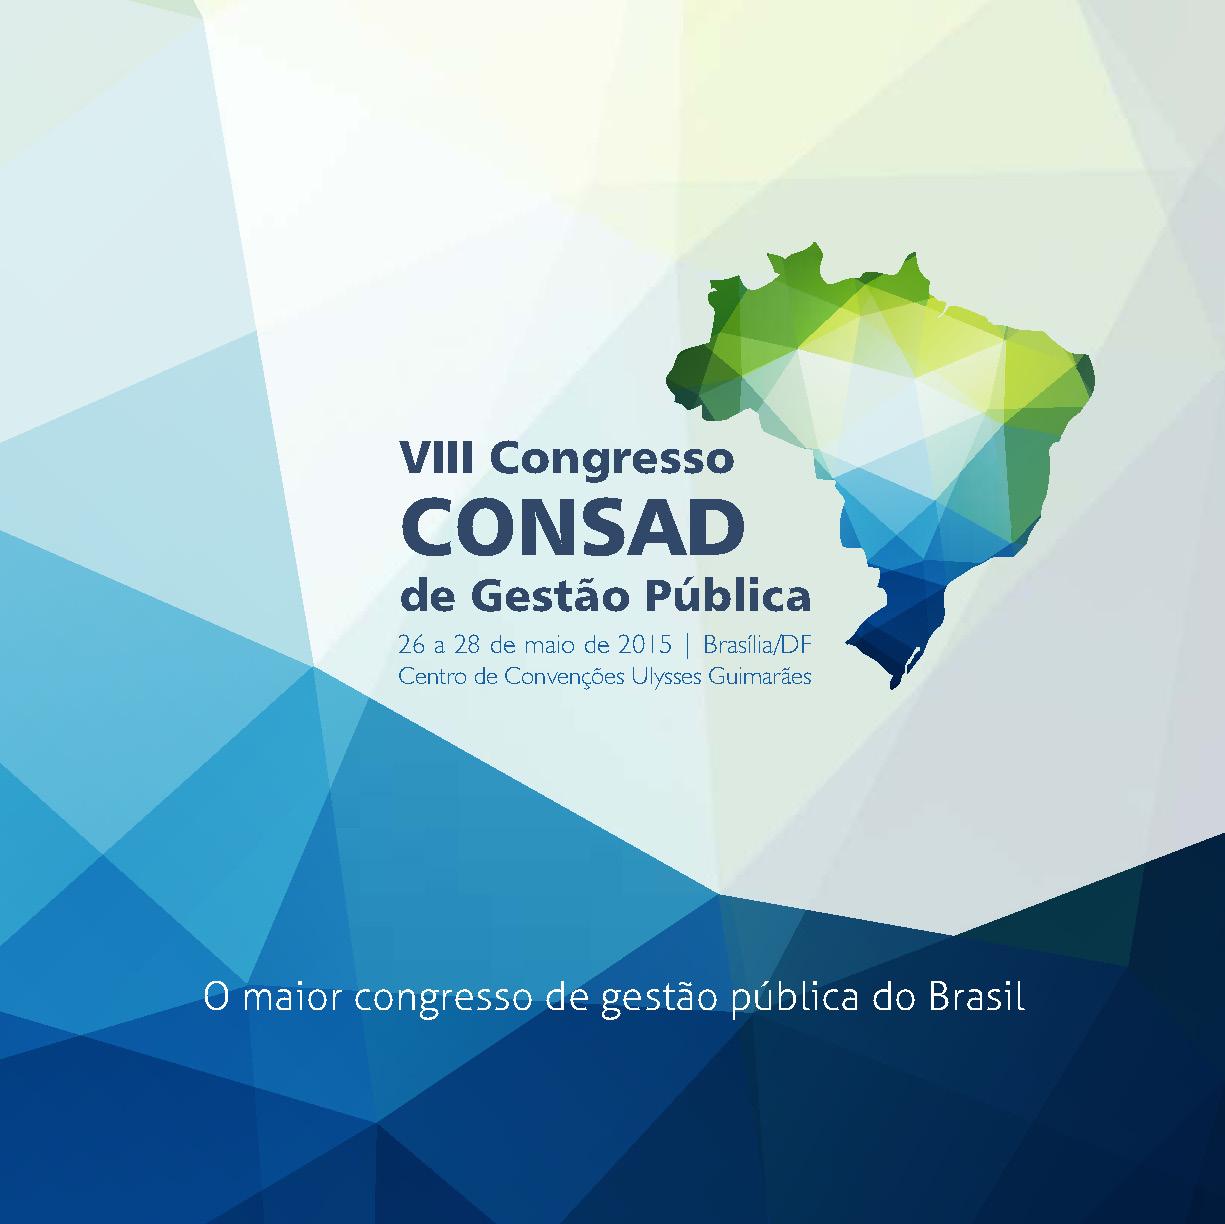 VIII Congresso Consad - Caderno Patrocinio V7_Page_01